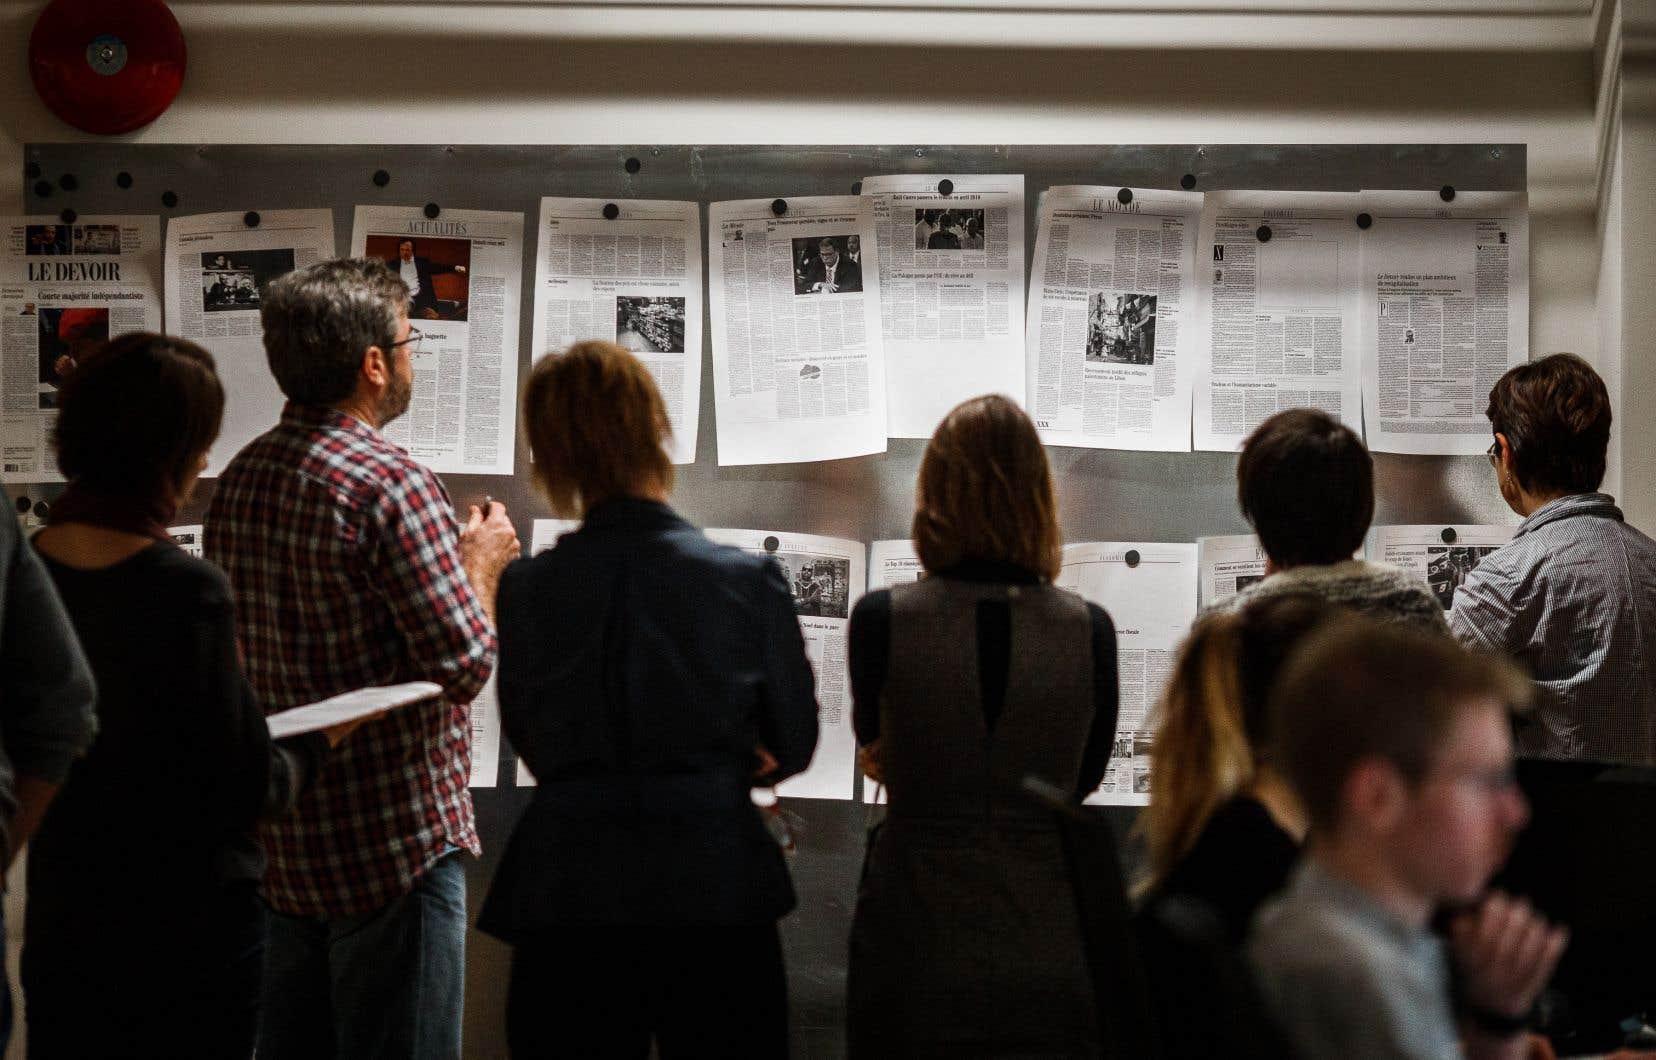 Les journaux restent indispensables dans les démocraties fragilisées par la résurgence des dogmatismes, la montée des populismes et l'expansion des «fake news».